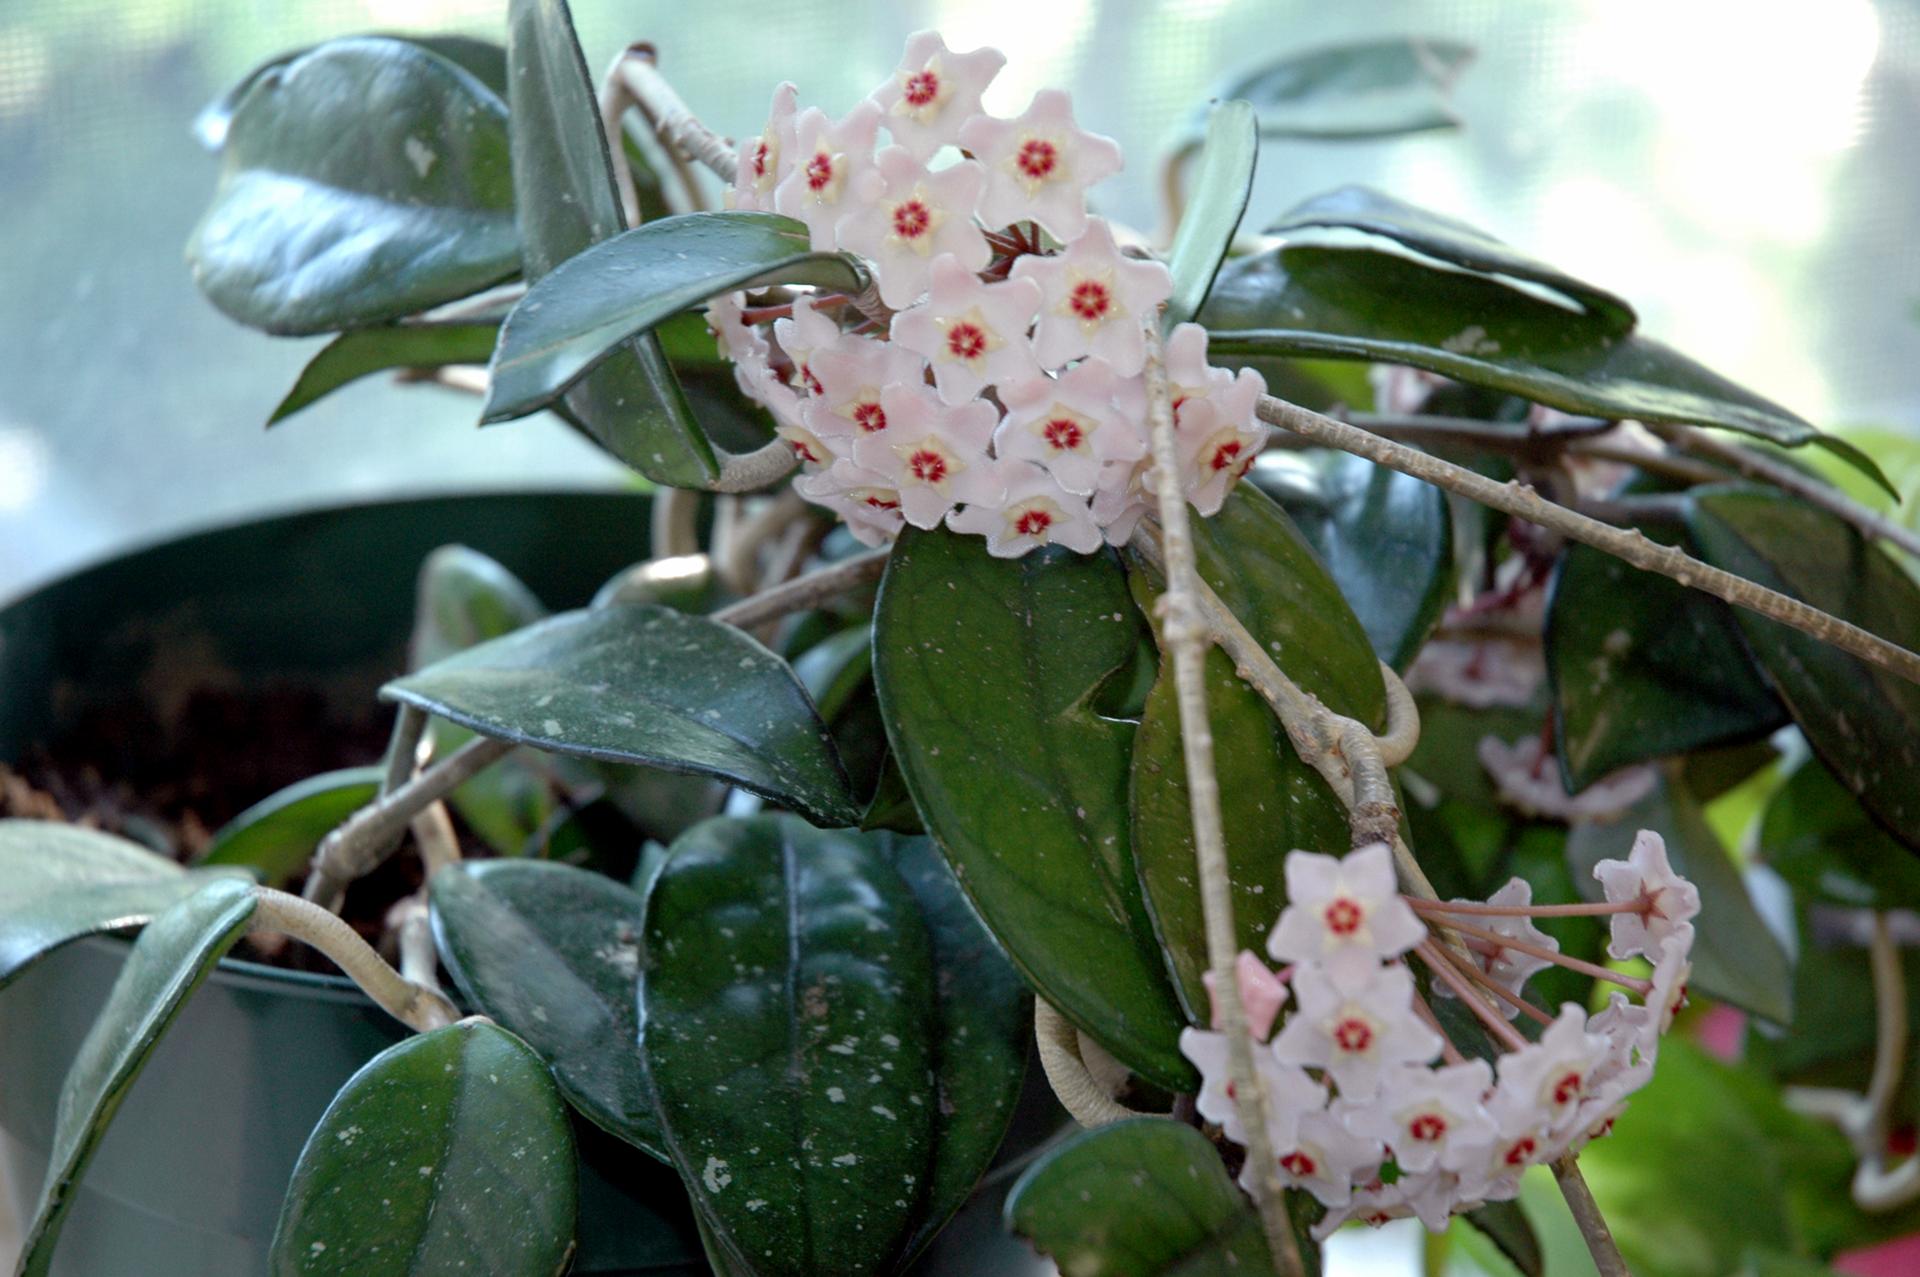 Fotografia prezentuje białe kwiatostany hoi.